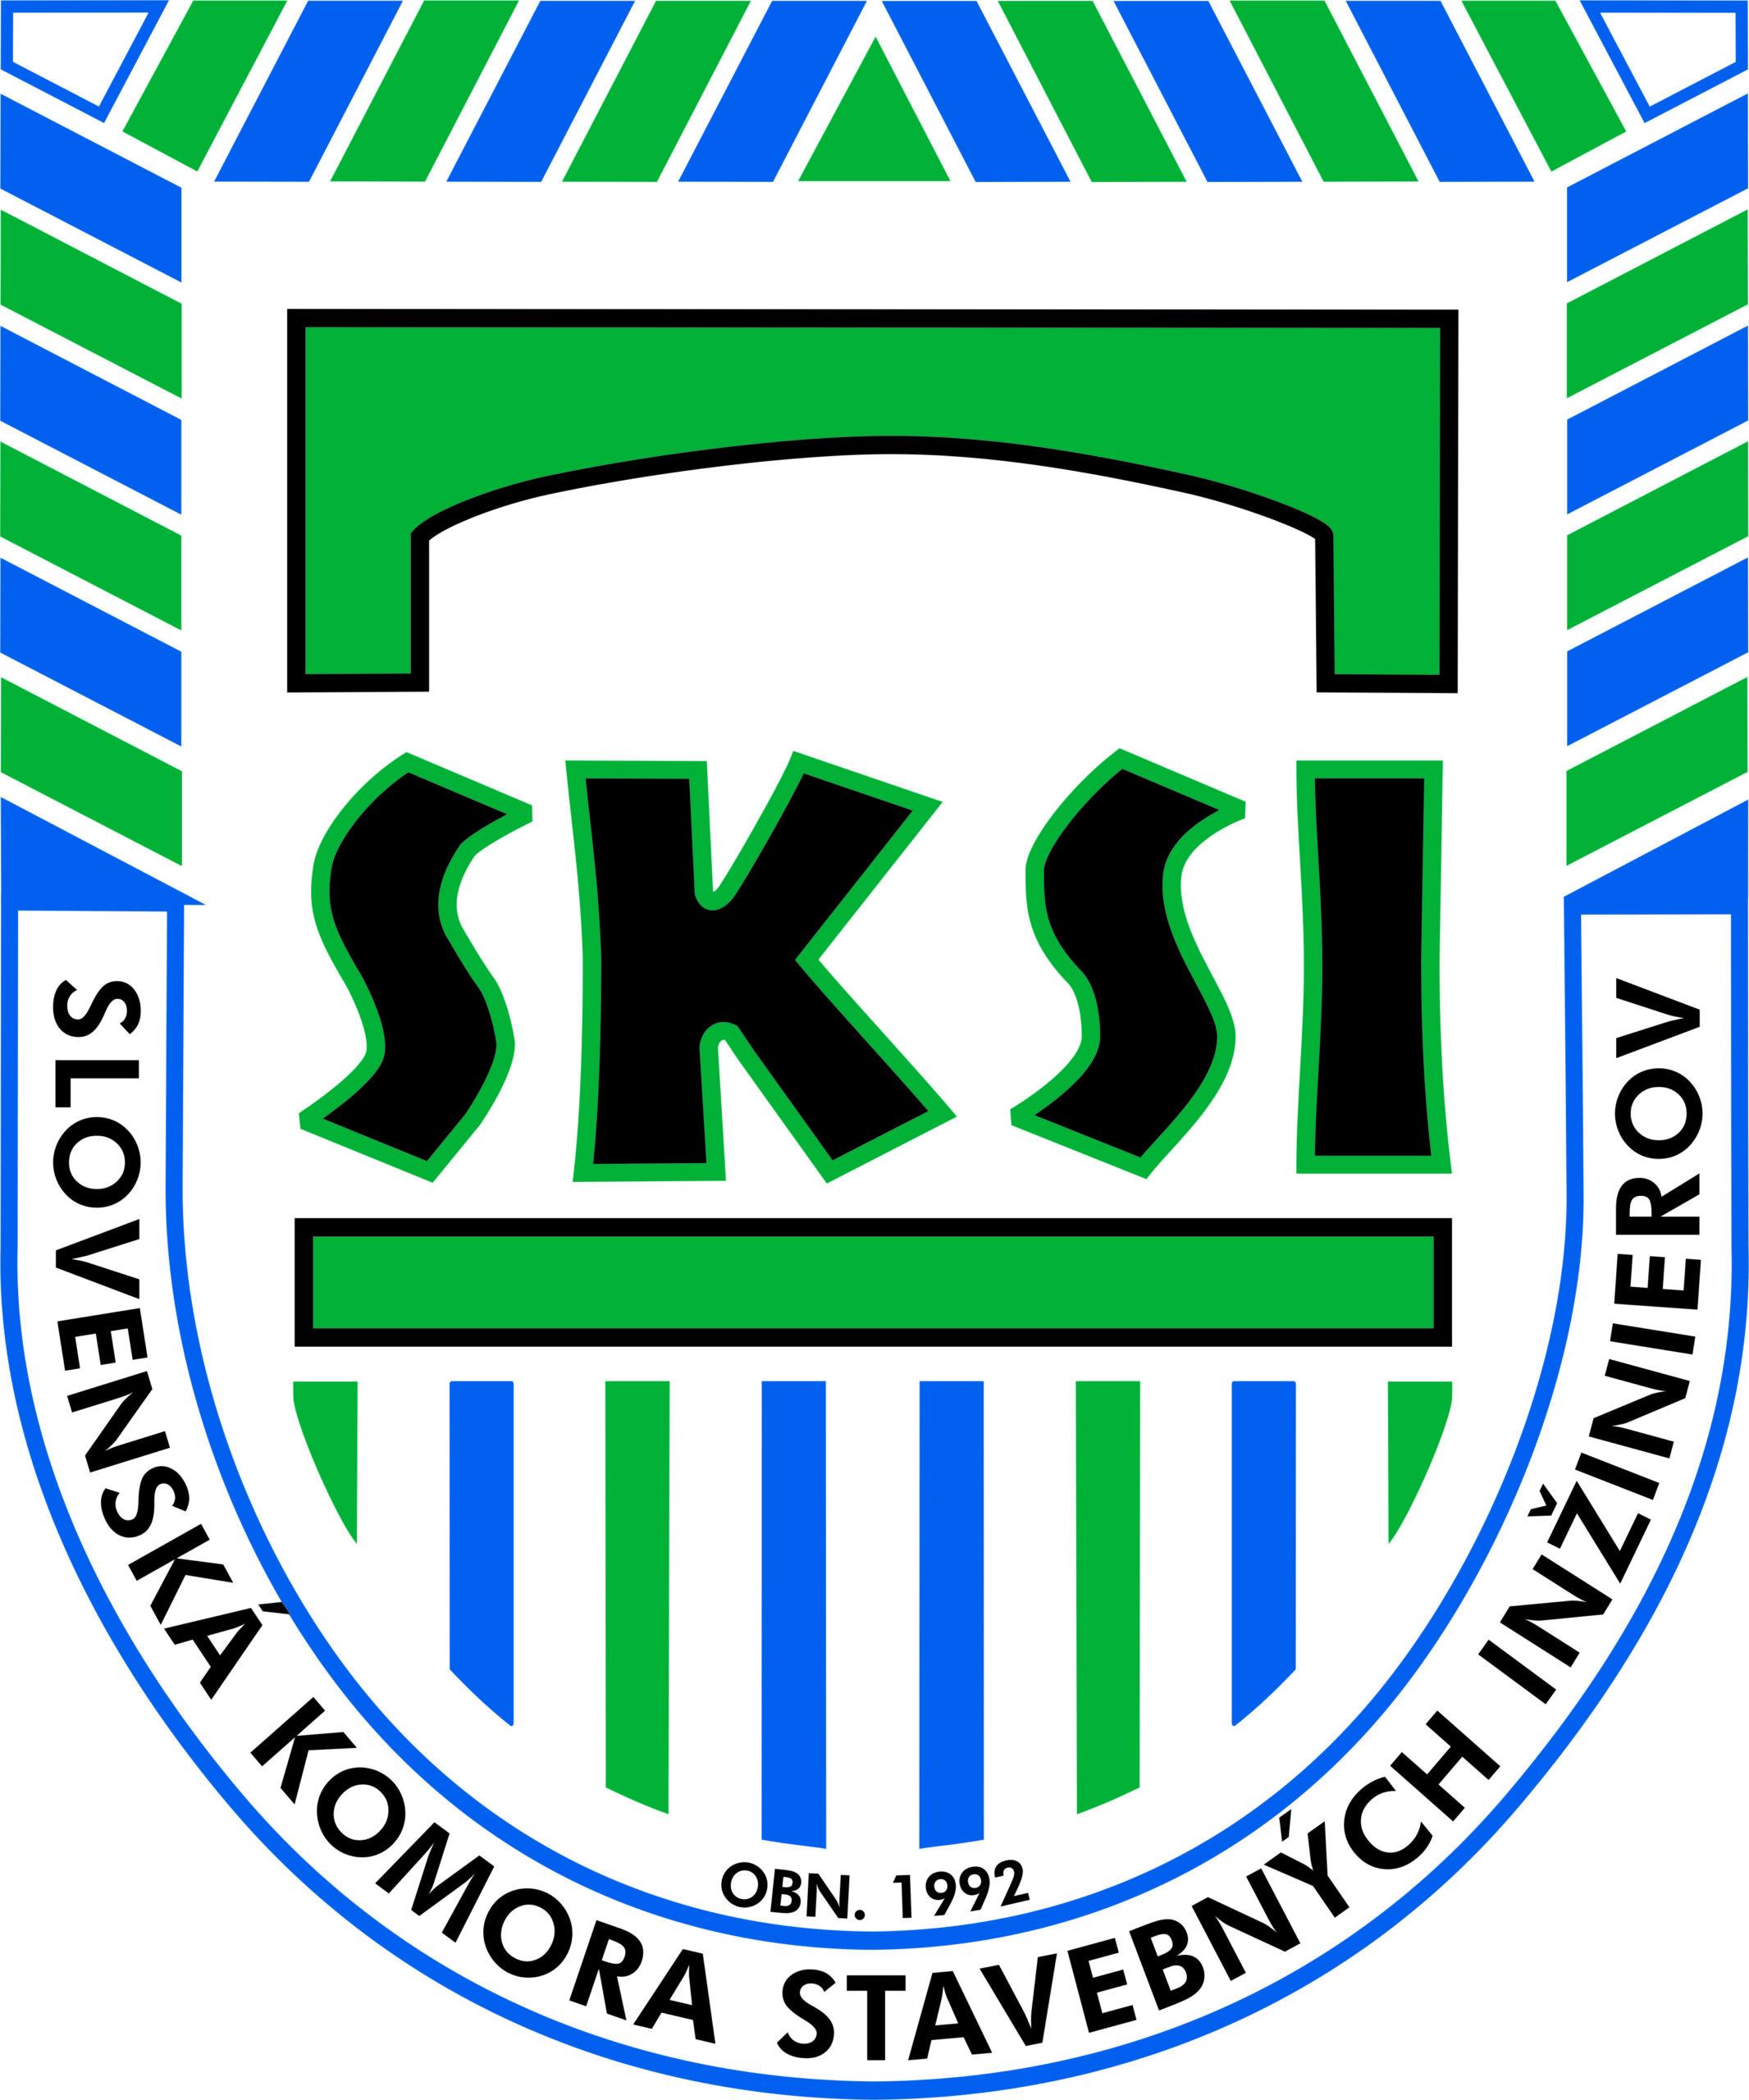 Slovenská komora stavebných inžinierov